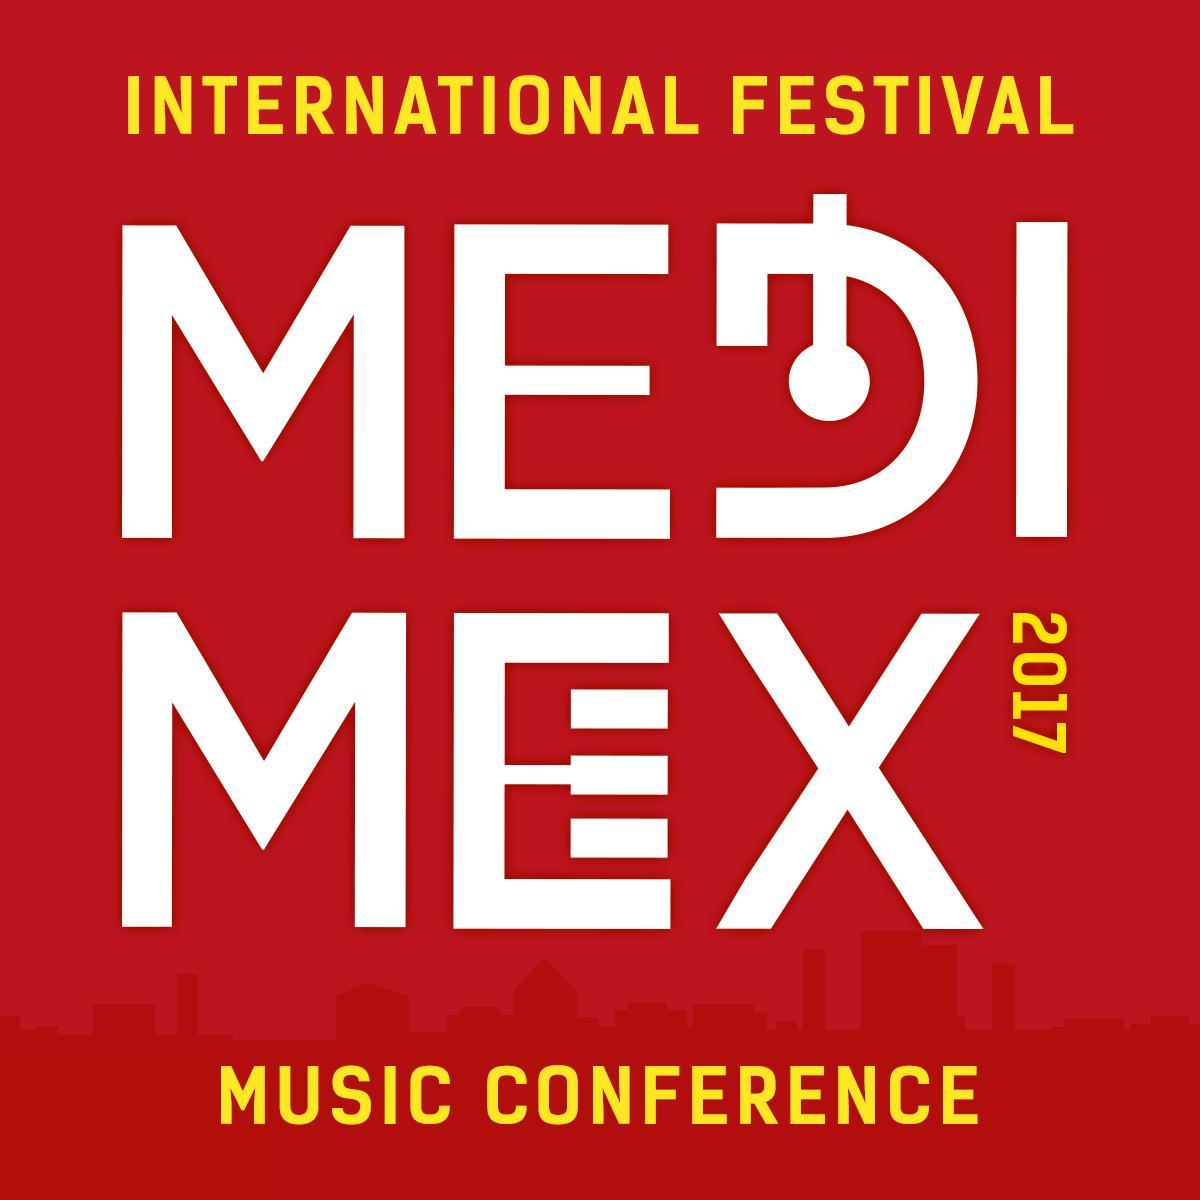 Al Medimex i professionisti della musica internazionale